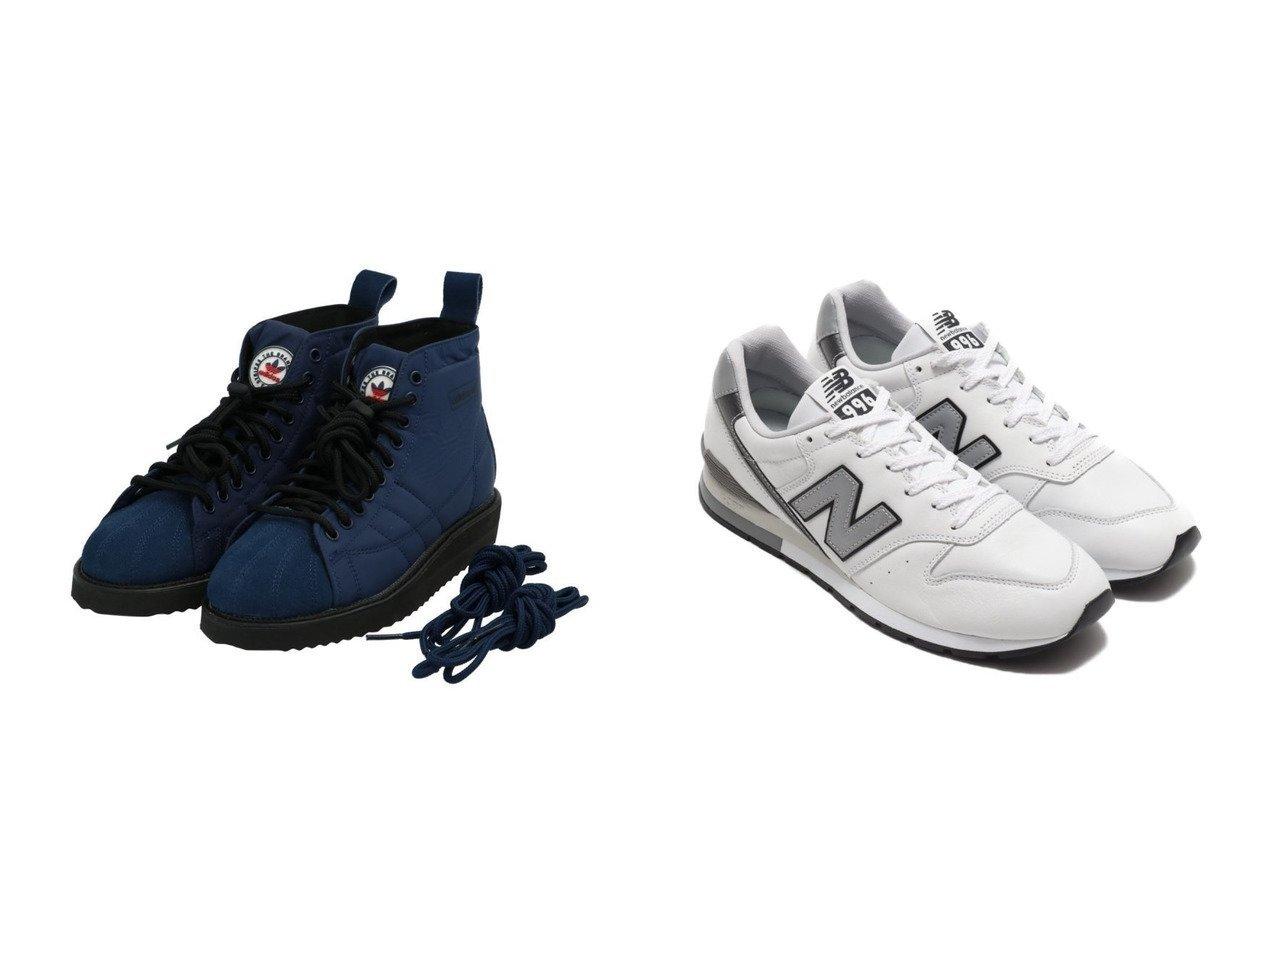 【adidas Originals/アディダス オリジナルス】のSS ブーツ SS Boots アディダスオリジナルス&【new balance/ニューバランス】のNew Balance CM996NA 【シューズ・靴】おすすめ!人気、トレンド・レディースファッションの通販 おすすめで人気の流行・トレンド、ファッションの通販商品 メンズファッション・キッズファッション・インテリア・家具・レディースファッション・服の通販 founy(ファニー) https://founy.com/ ファッション Fashion レディースファッション WOMEN アウトドア シューズ スニーカー スポーツ スリッポン ミックス メンズ レース S/S・春夏 SS・Spring/Summer インソール クッション バランス |ID:crp329100000039537